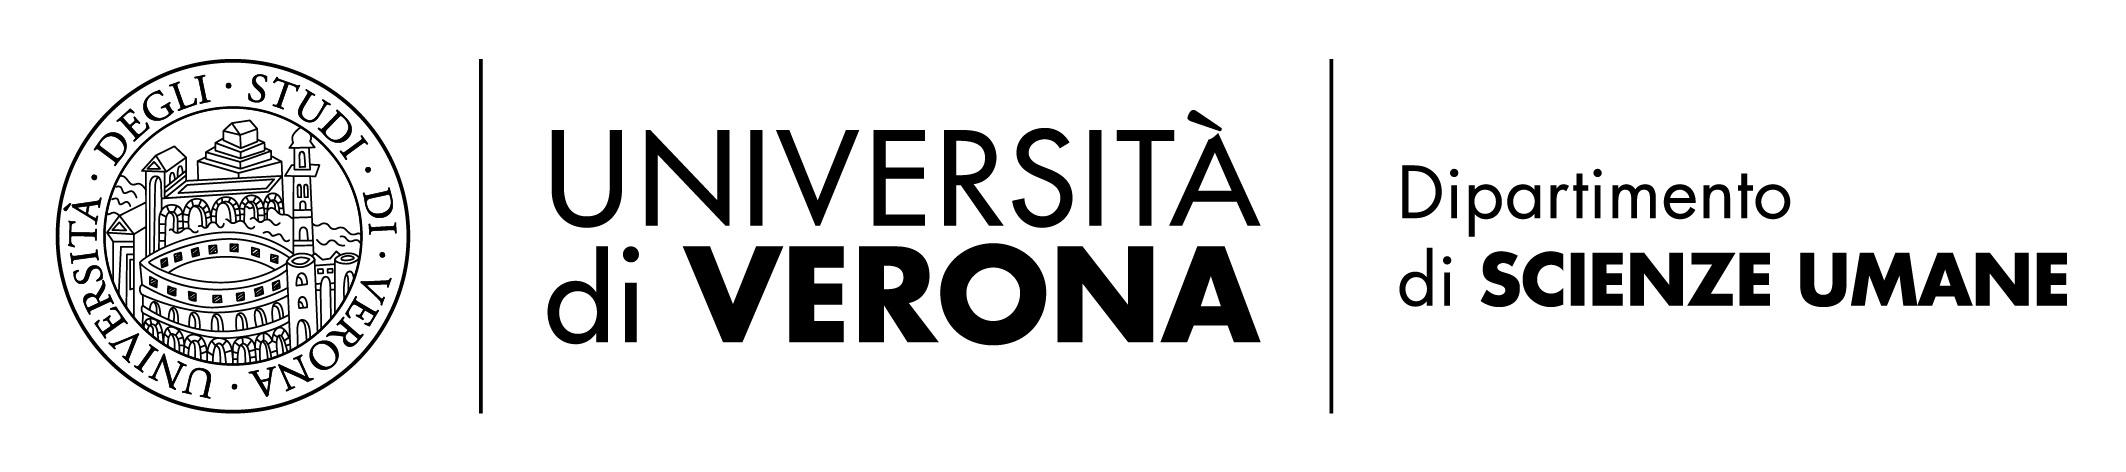 Psicologi in Piazza Verona Logo Univr Dip Scienze Umane